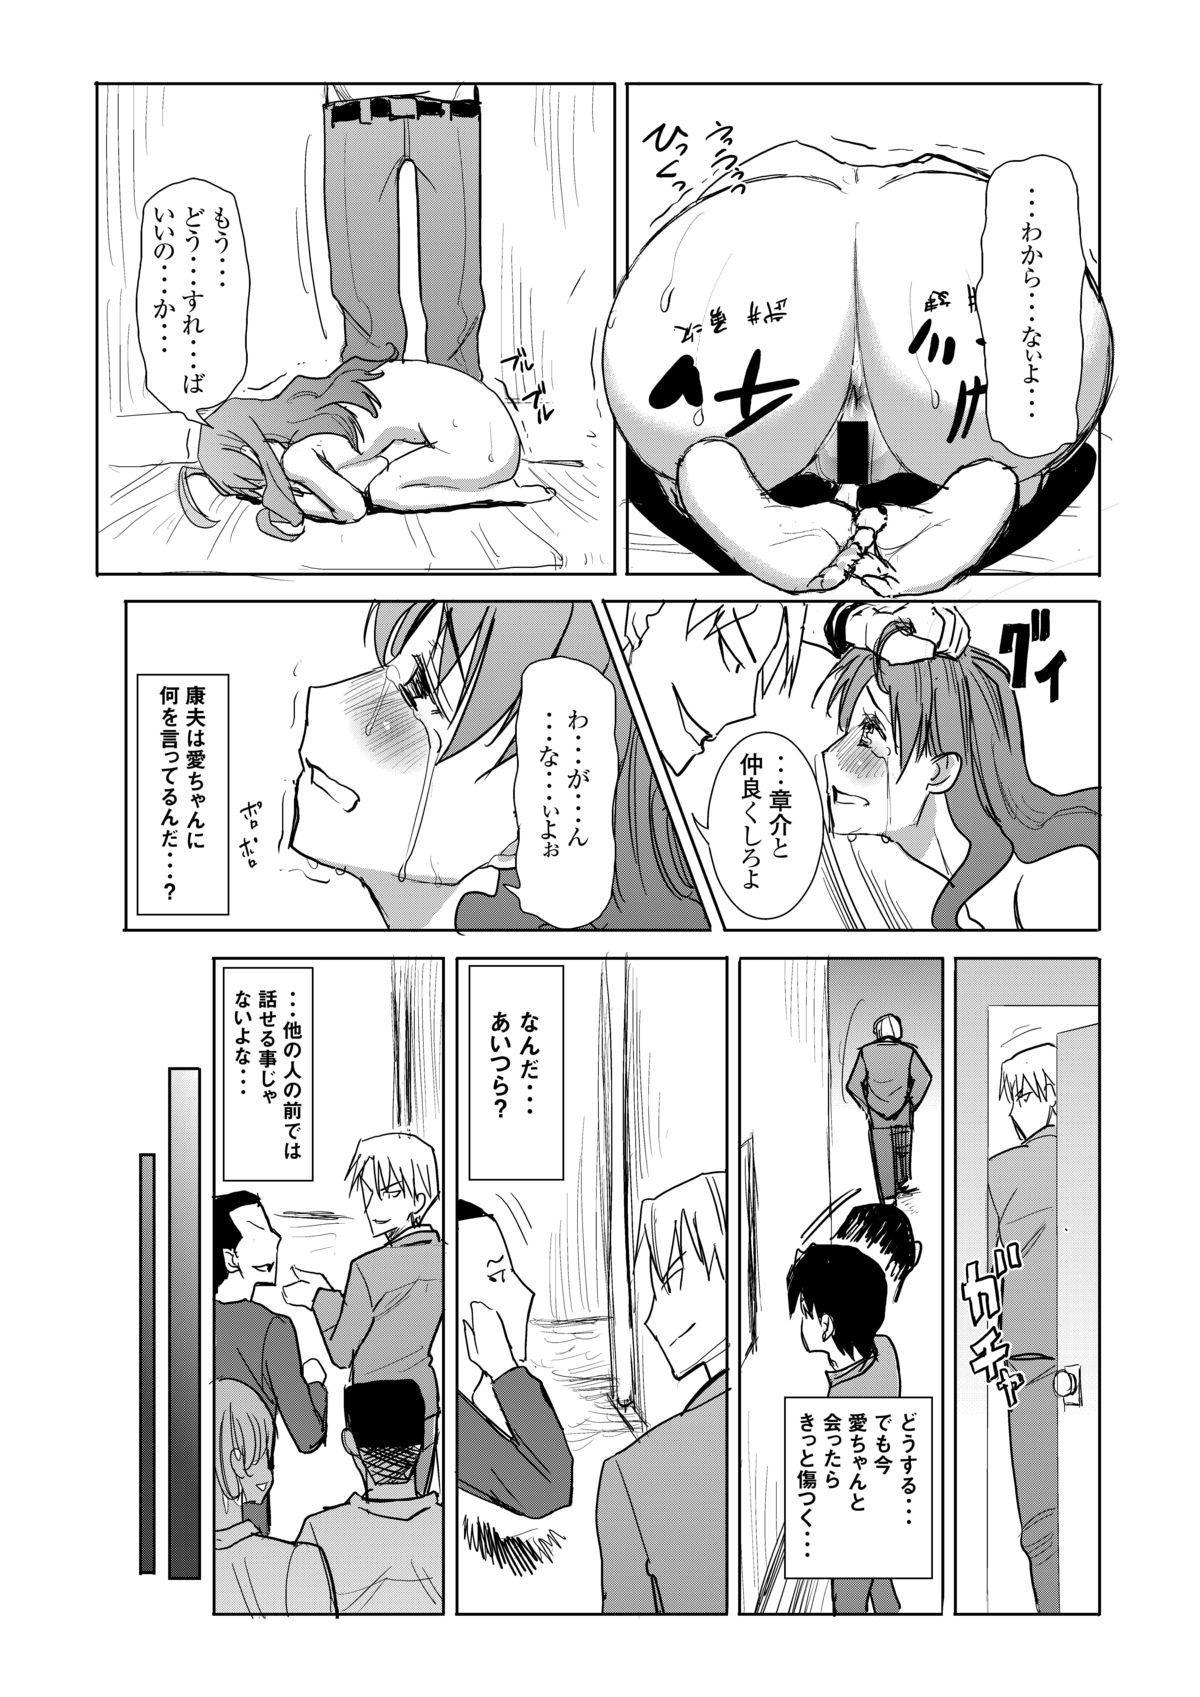 Unsweet Inoue Ai Watashi wa Dare wo Aishiteru no... Daisuki na Koibito... Soretomo Aitsu... act 1 29